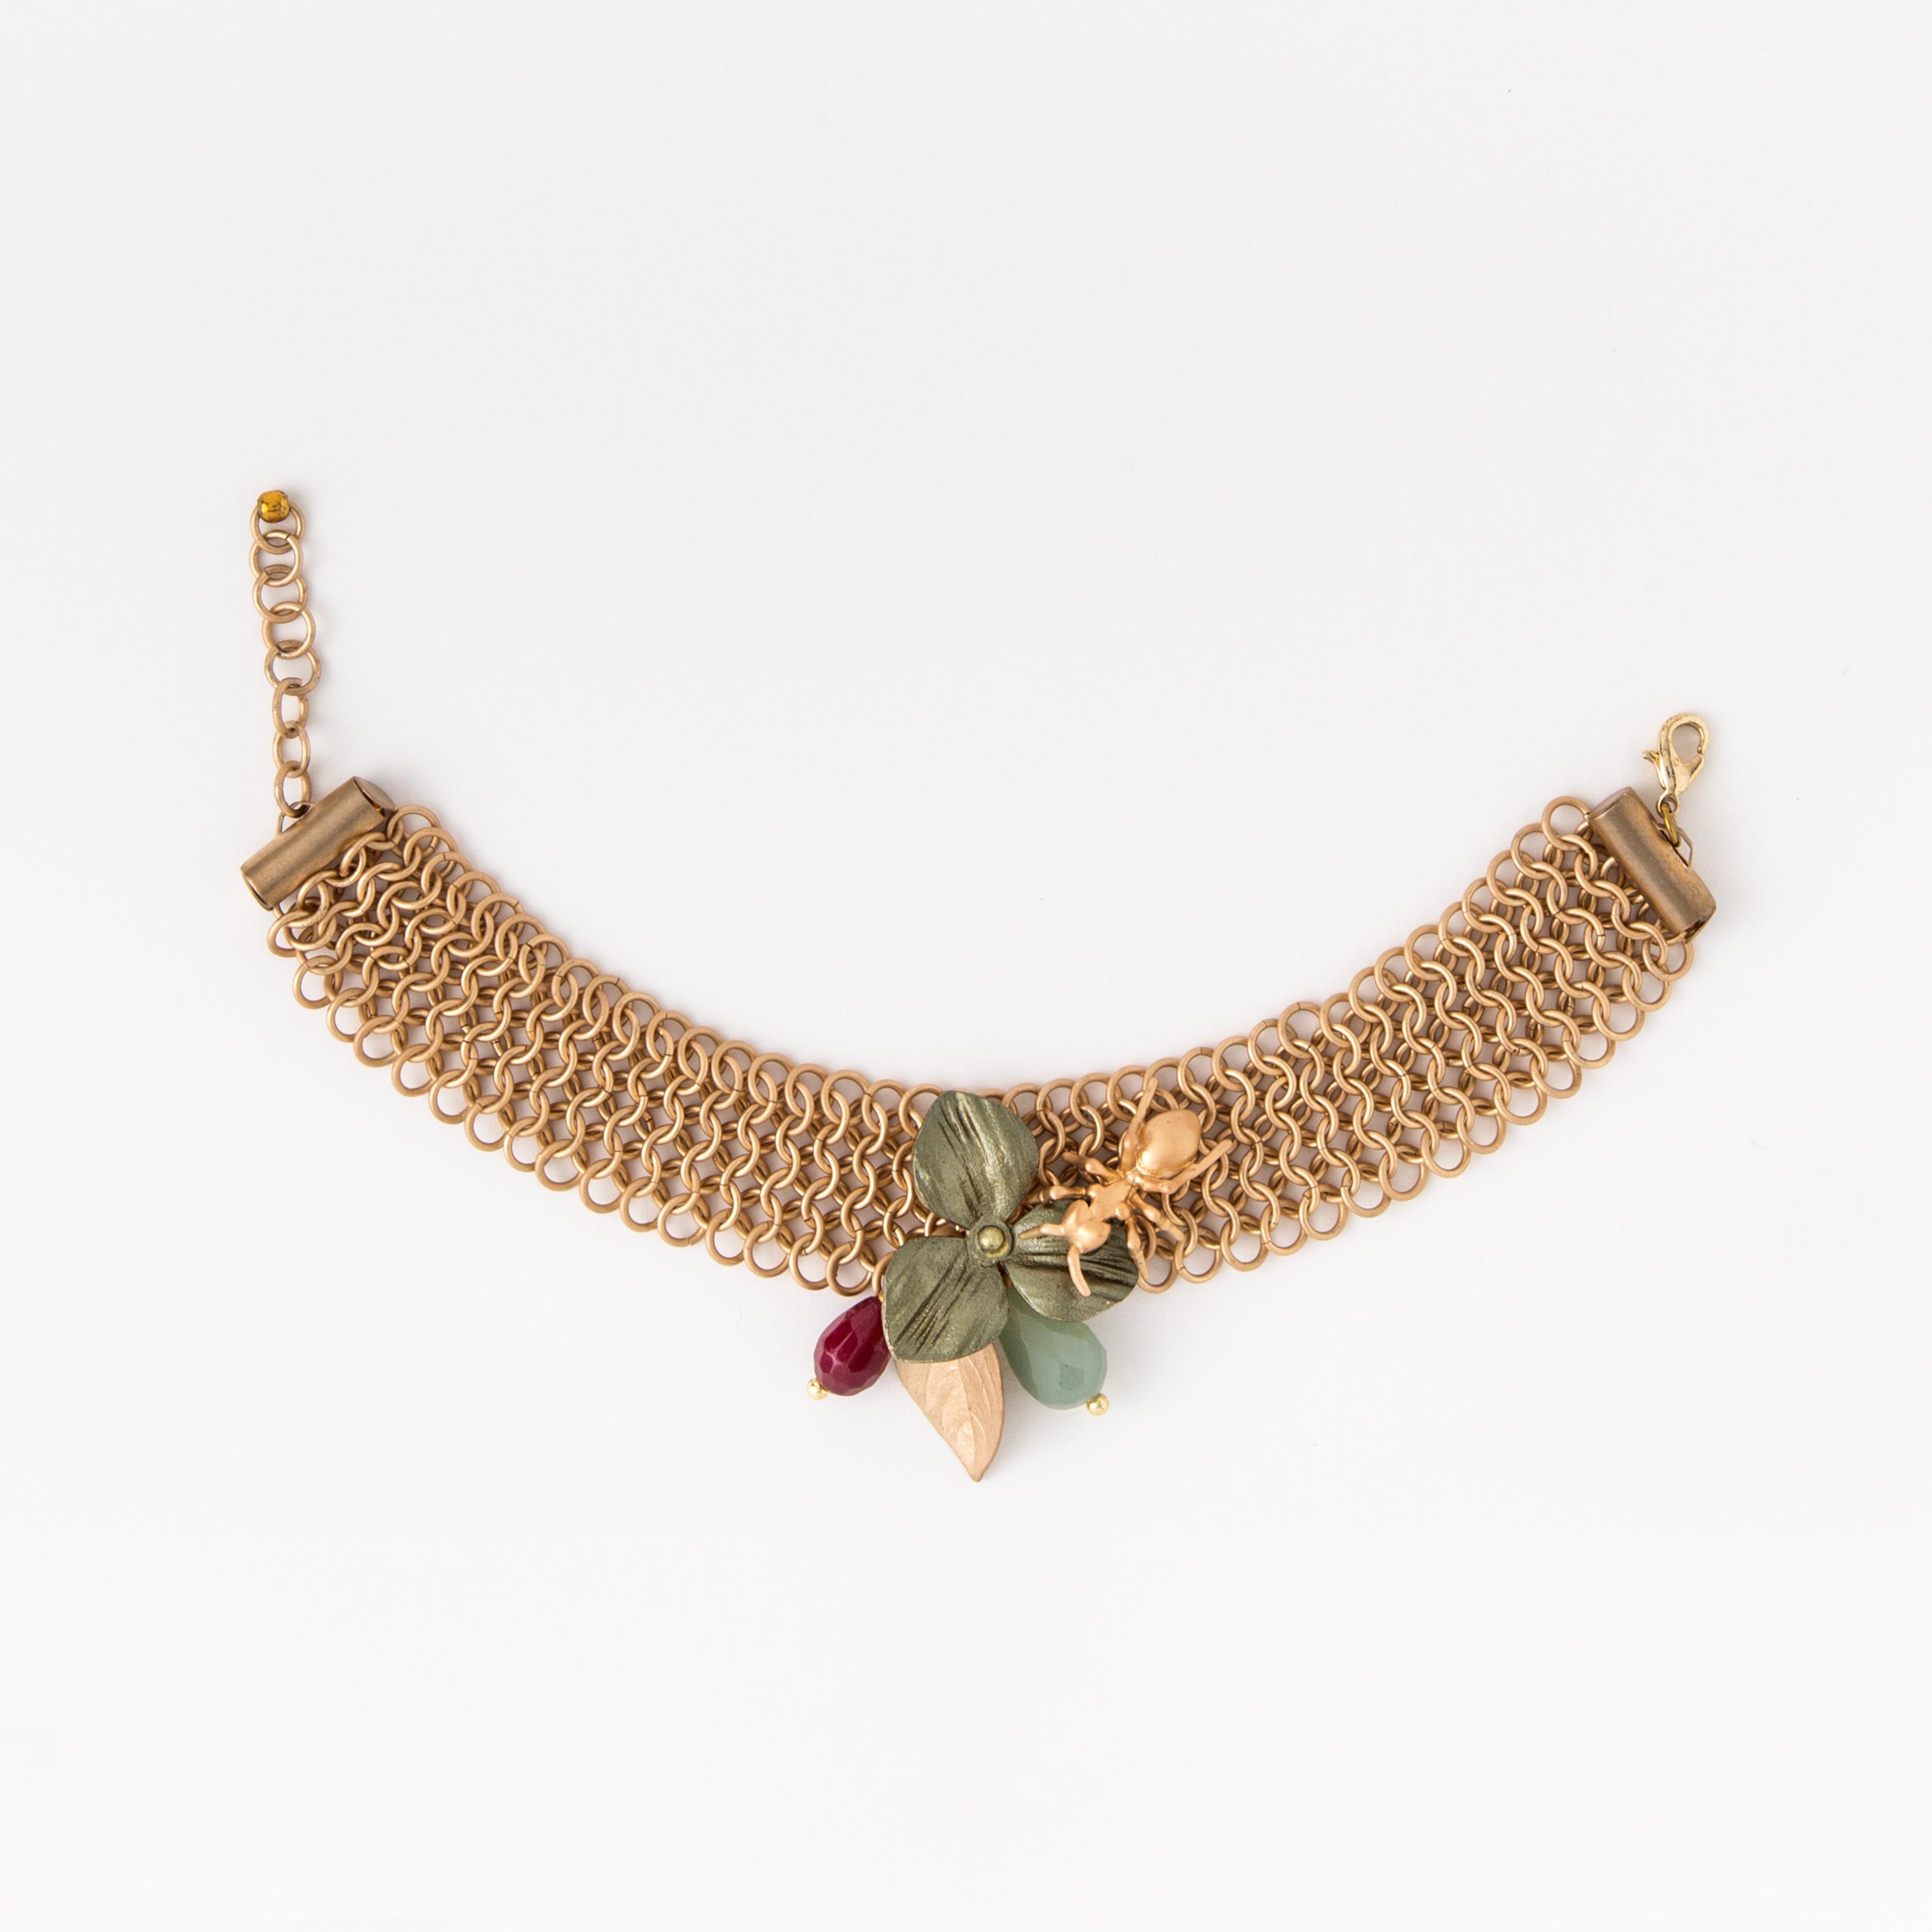 Bracciale in ottone galvanizzato a maglia con decorazione centrale